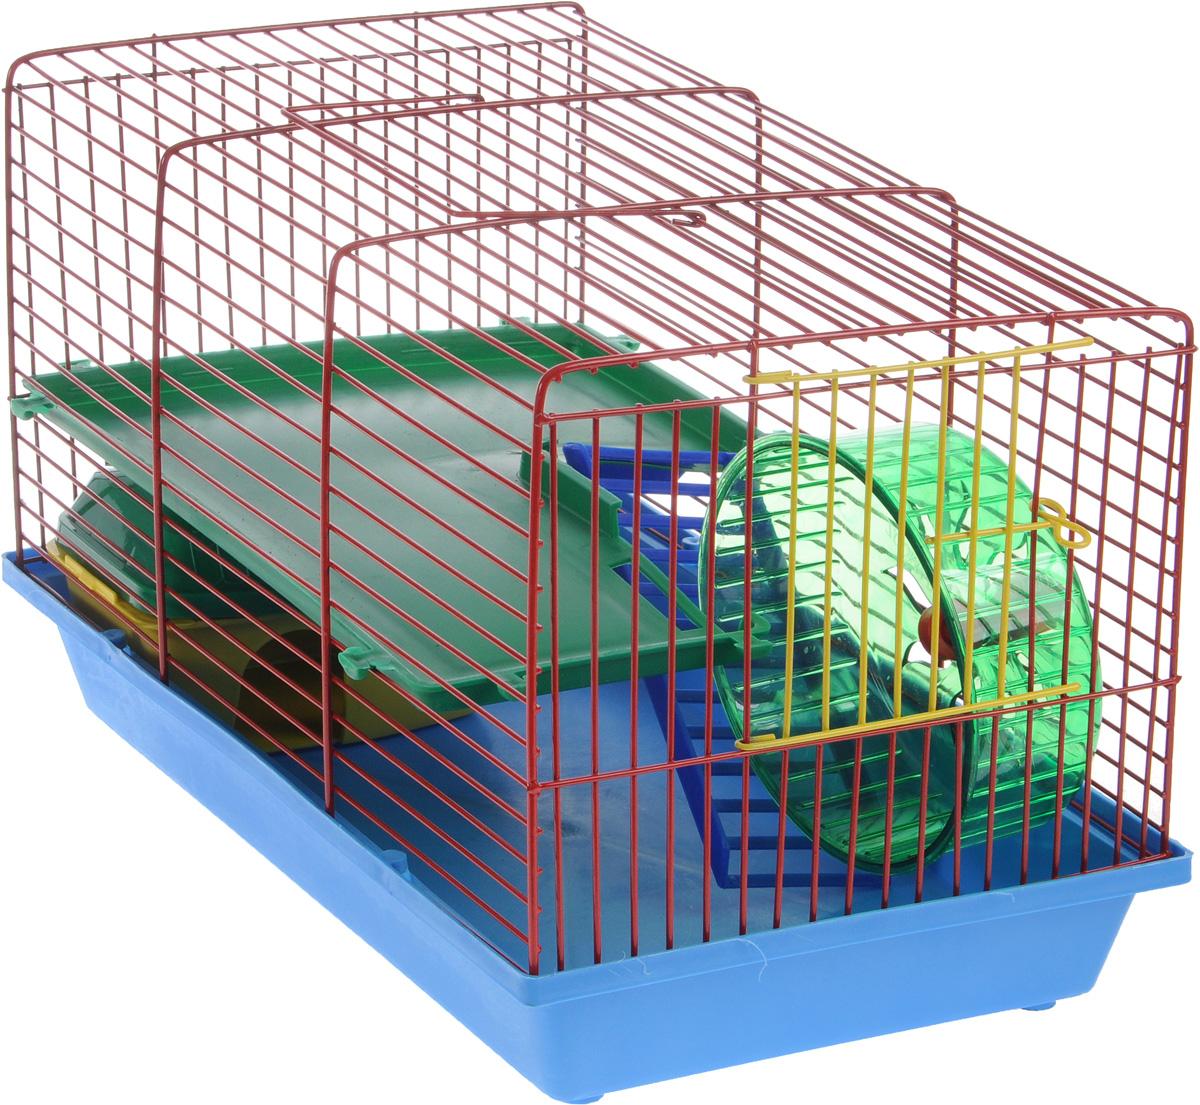 Клетка для грызунов ЗооМарк, 2-этажная, цвет: синий поддон, красная решетка, зеленый этаж, 36 х 23 х 24 см125СККлетка ЗооМарк, выполненная из пластика и металла, предназначена для мелких грызунов. Изделие двухэтажное, оборудовано колесом для подвижных игр и пластиковым домиком. Клетка имеет яркий поддон, удобна в использовании и легко чистится. Сверху имеется ручка для переноски. Такая клетка станет уединенным личным пространством и уютным домиком для маленького грызуна.